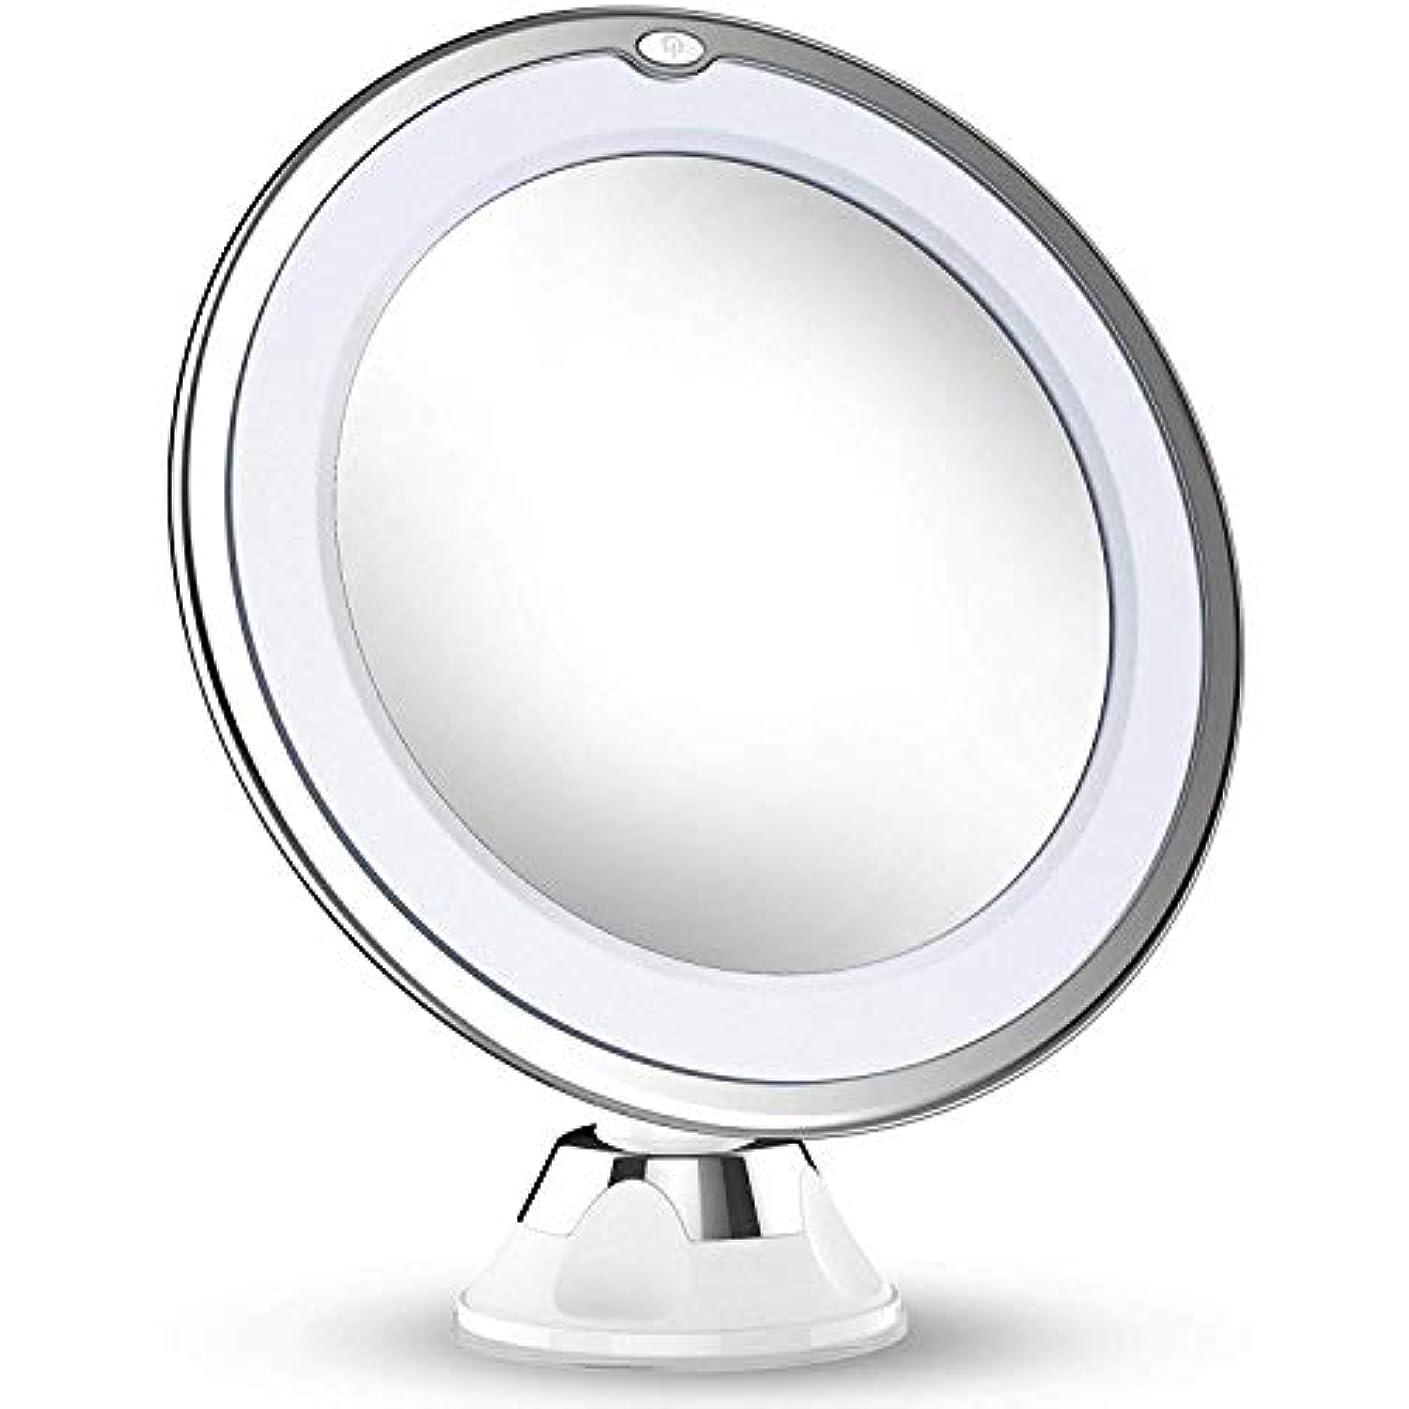 彼らの法律により血10倍拡大 ライト付き 拡大 化粧鏡 自宅 卓上 浴室 シャワールーム 旅行用 LEDライト ポータブル ハンド メイク用拡大ライトアップ鏡